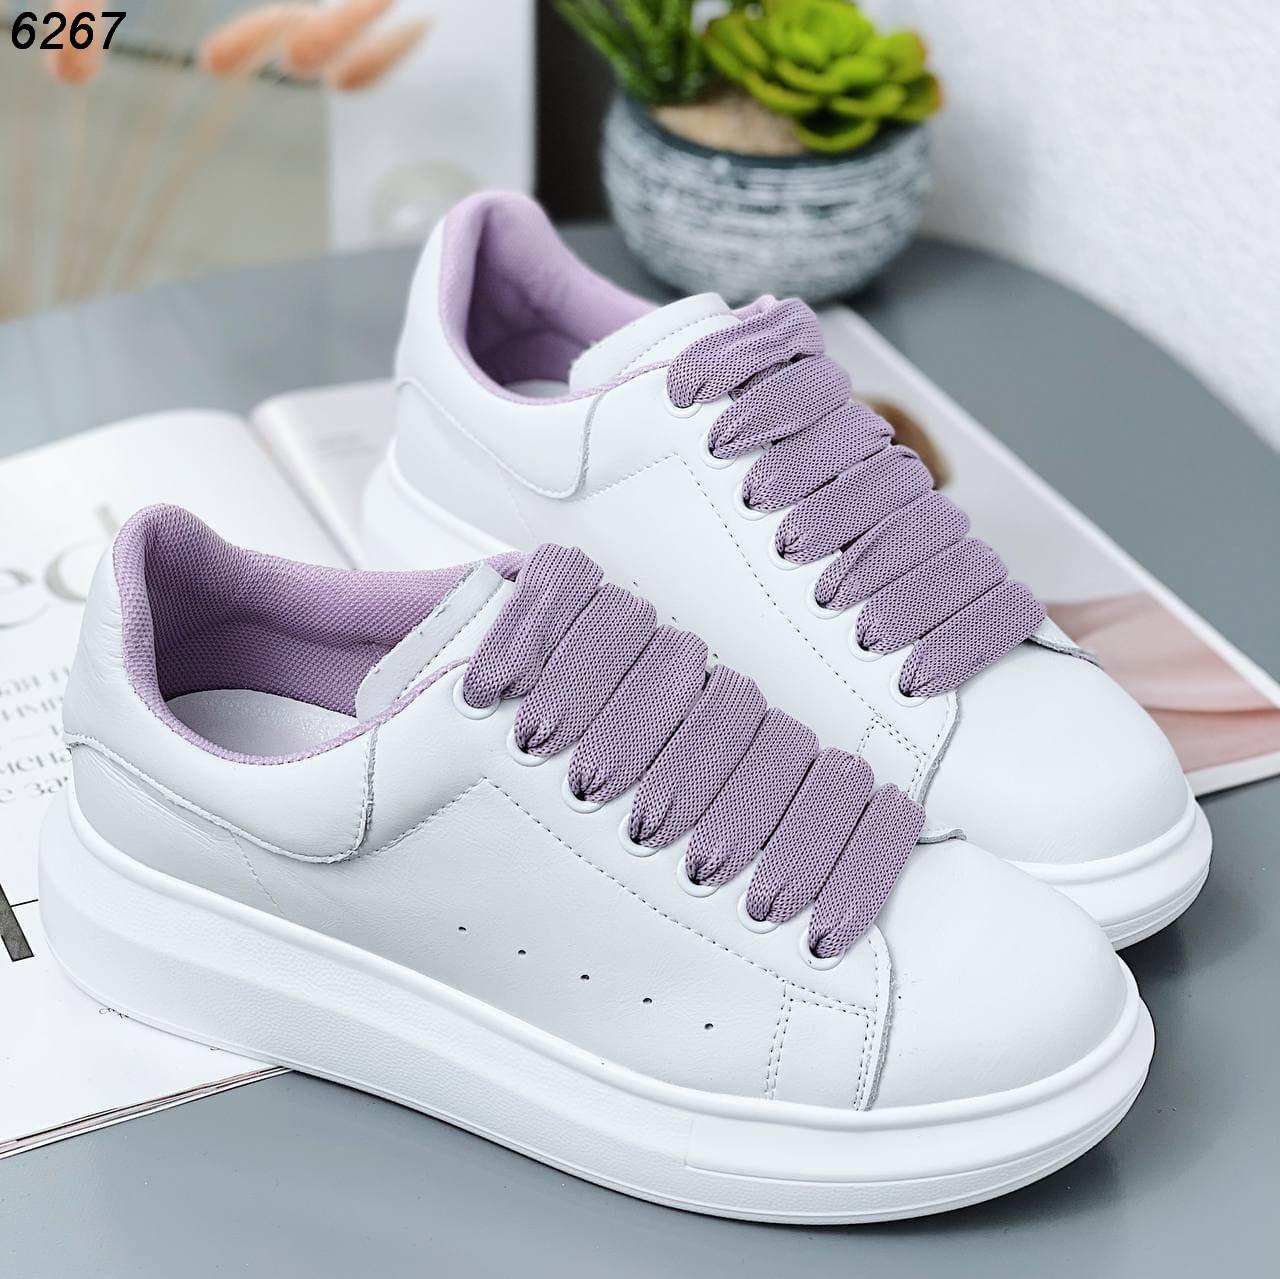 Кеды женские белые кожаные с фиолетовыми шнурками